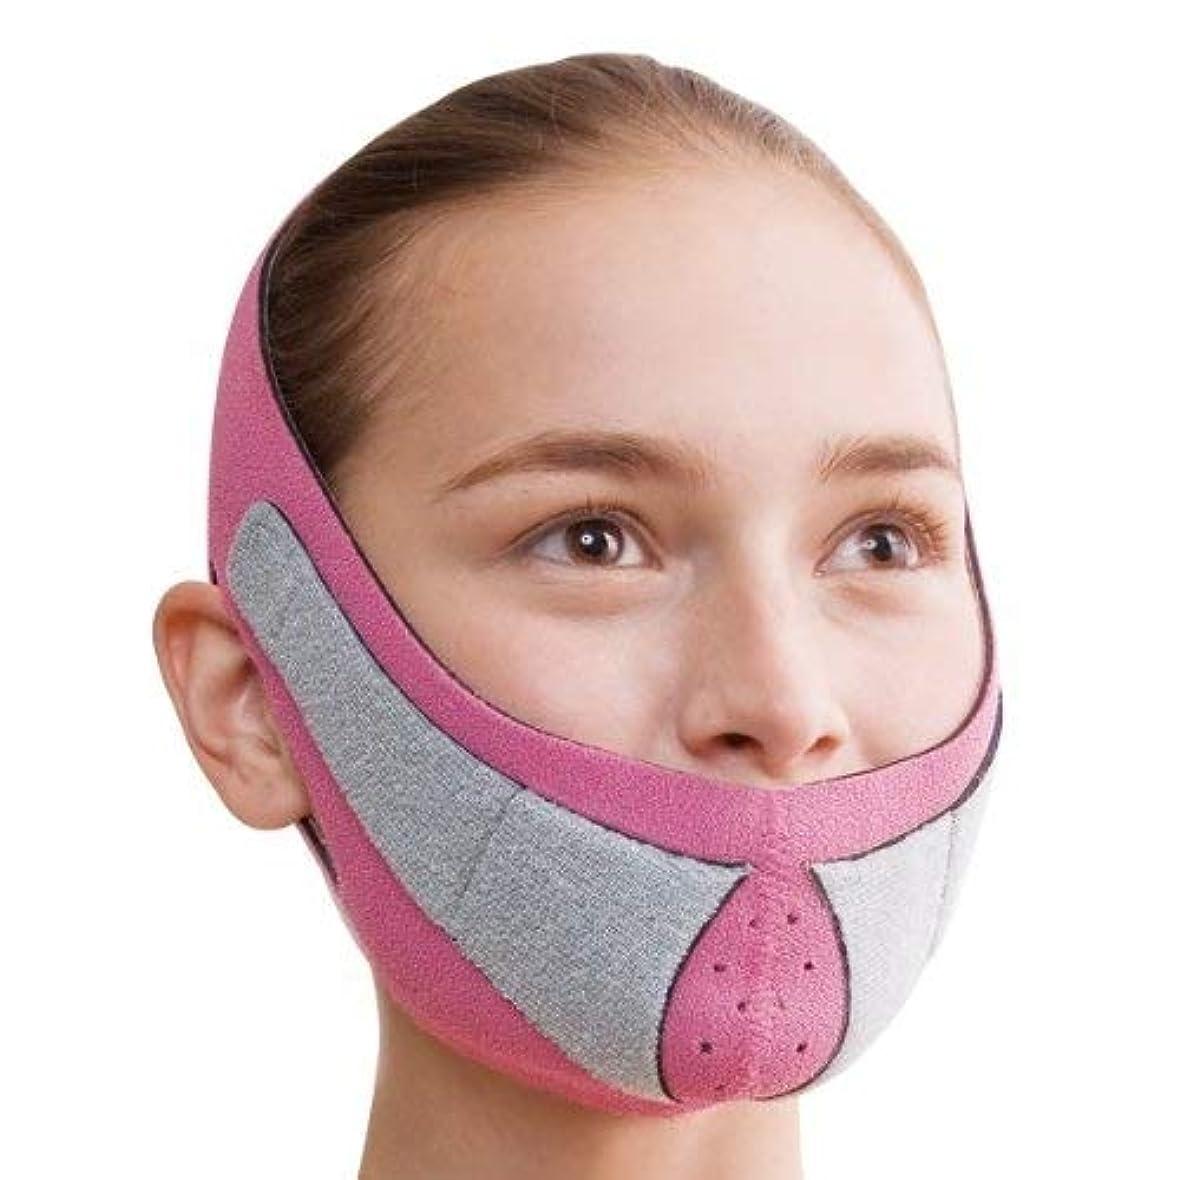 アライメント操る考慮Barchency 小顔マスク フェイスベルト 顔痩せ フェイスリフト アゴ 顔のゆがみ 矯正 口元が飛び出す 二重あご ほうれい線などに 男女兼用